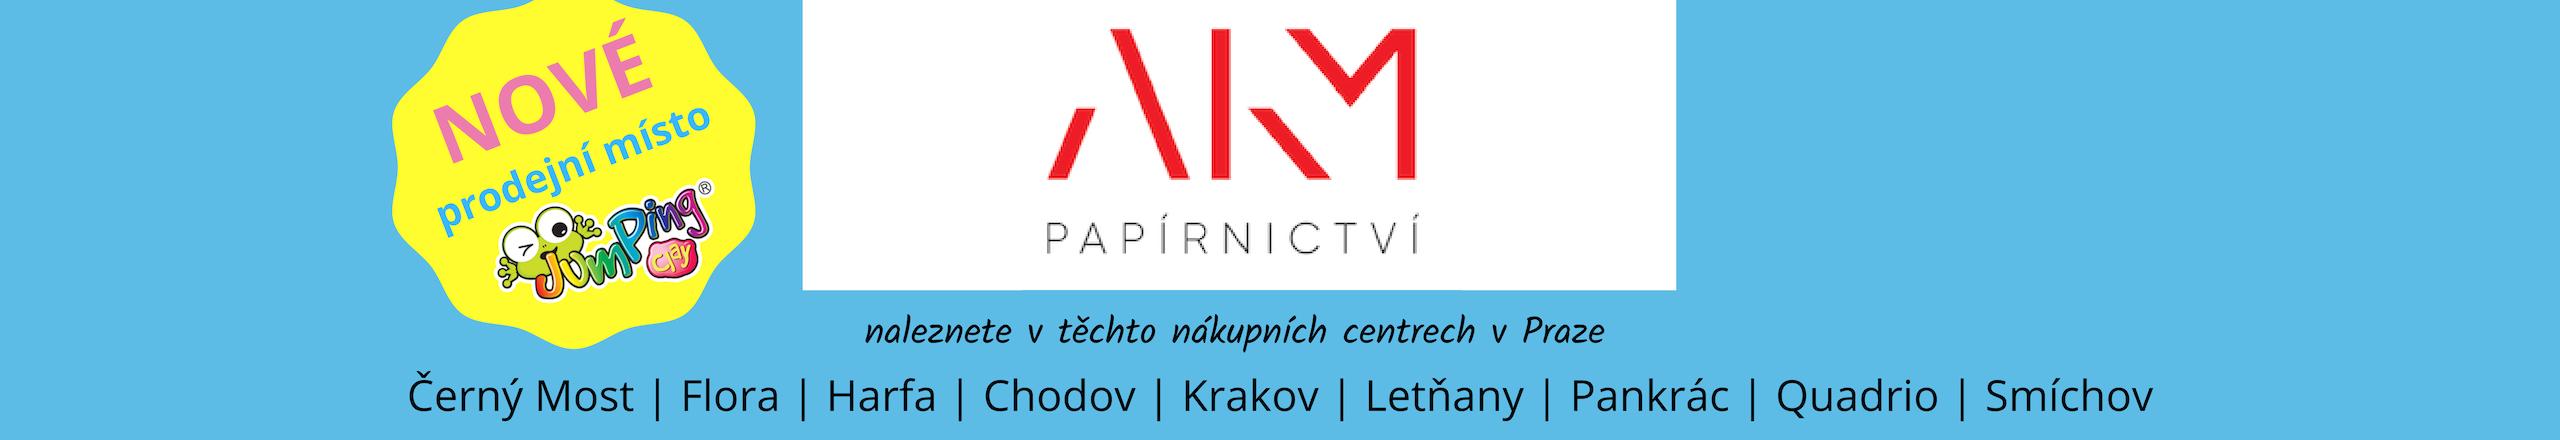 Vybrané sady oblíbené modelíny JumpingClay nyní k dostání v síti papírnictví AKM v Praze